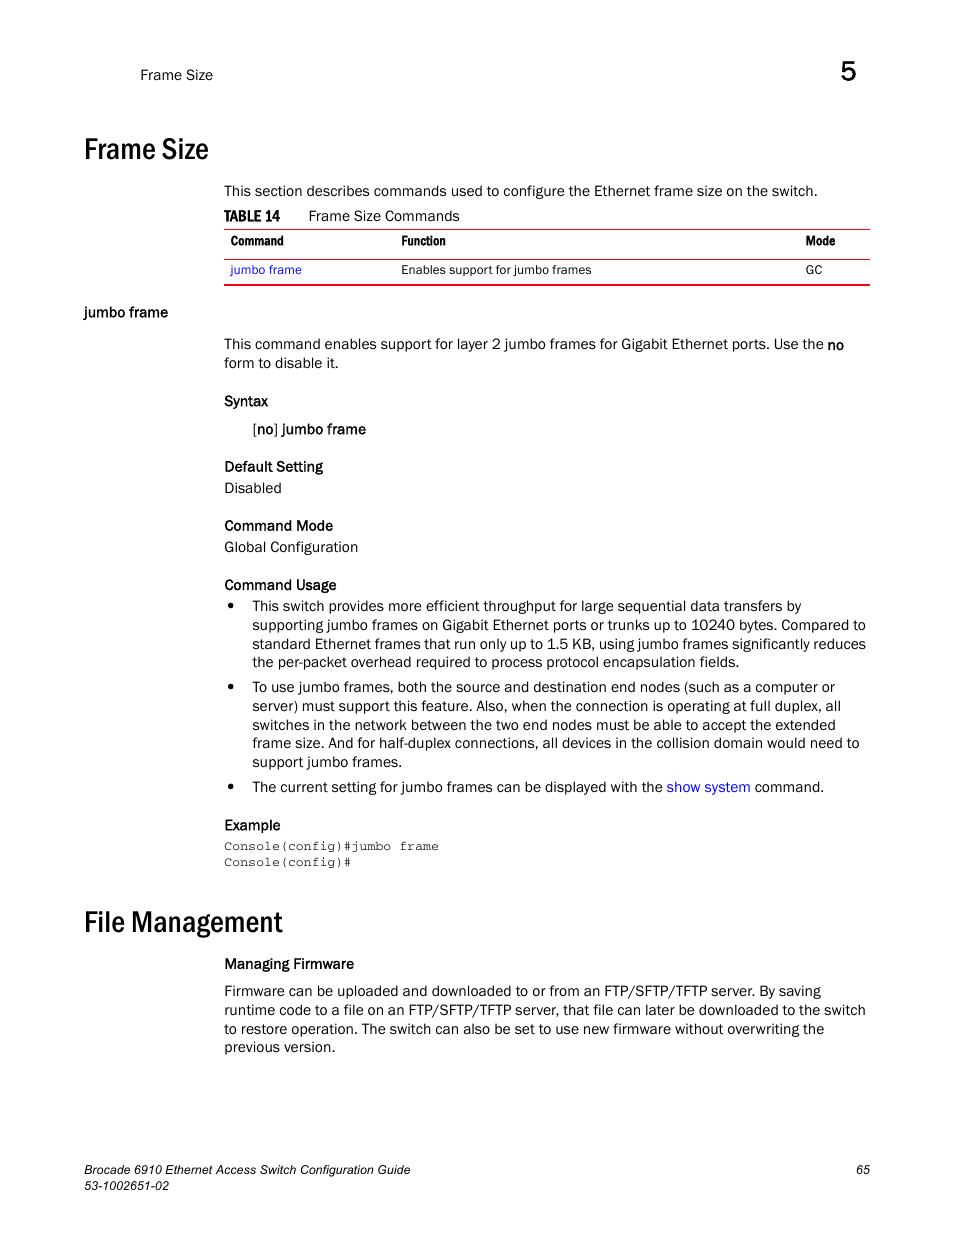 Frame size, Jumbo frame, File management | Brocade 6910 Ethernet ...